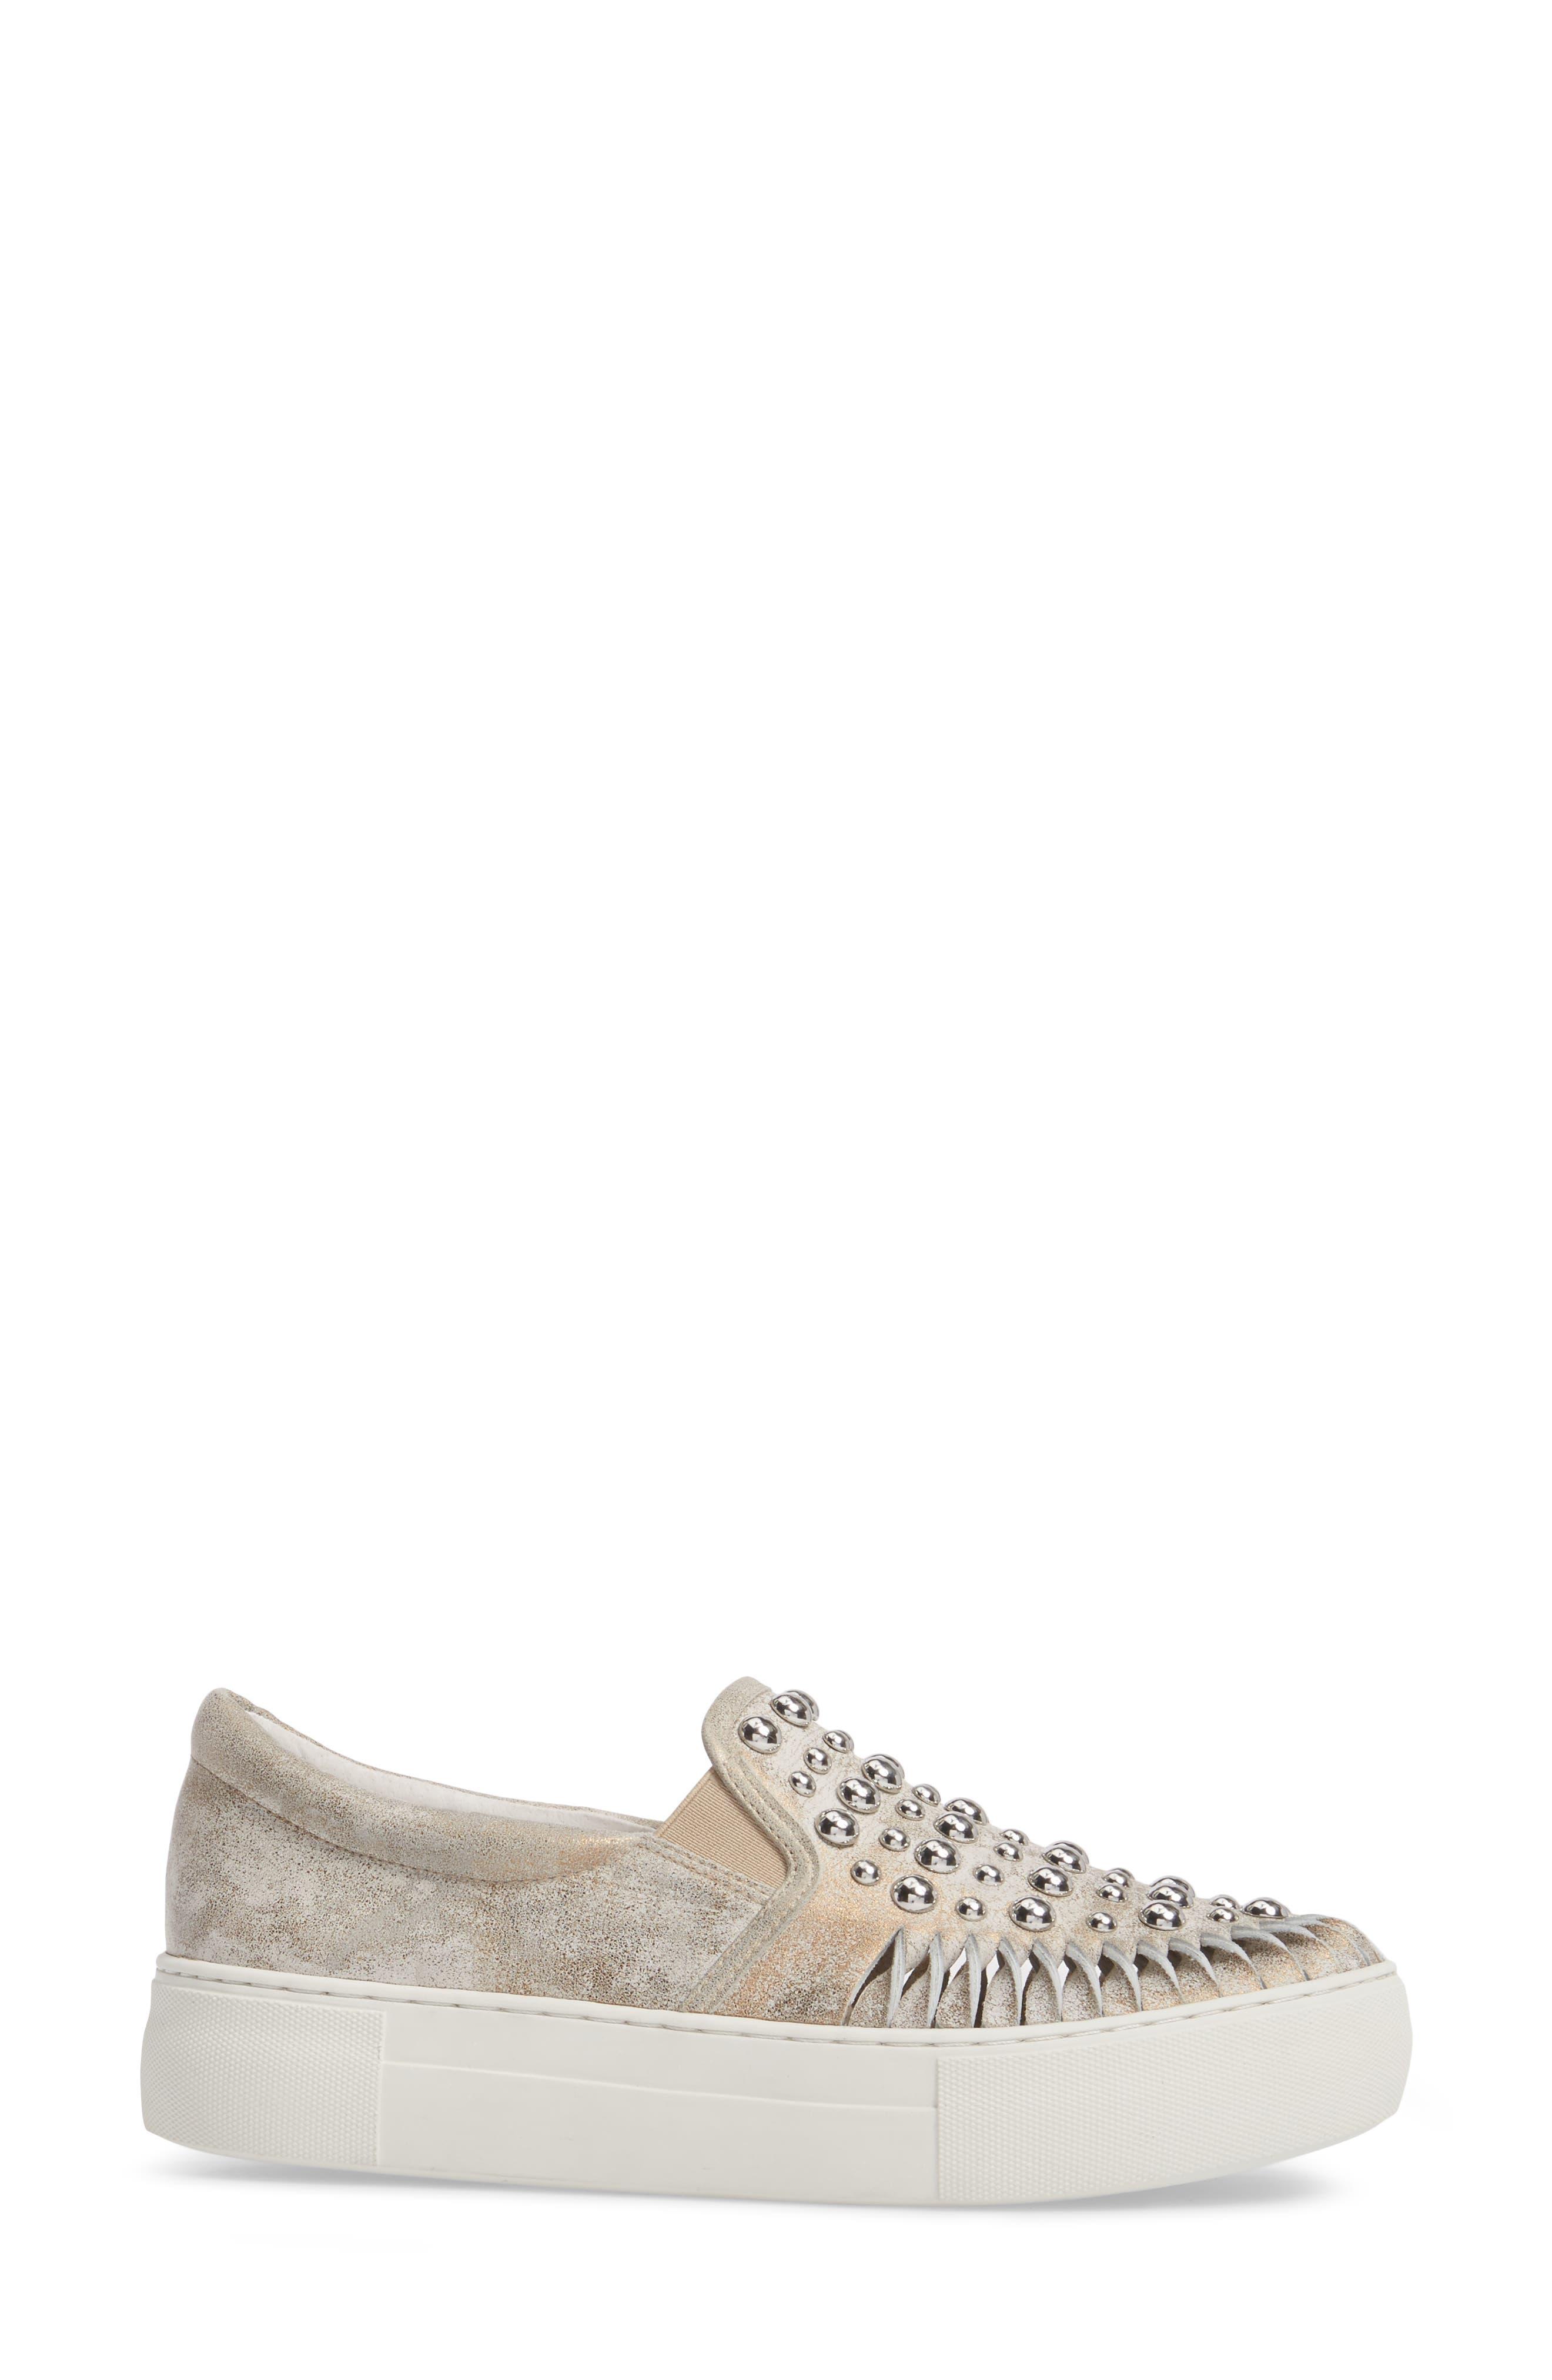 AZT Studded Slip-On Sneaker,                             Alternate thumbnail 3, color,                             Bronze Leather